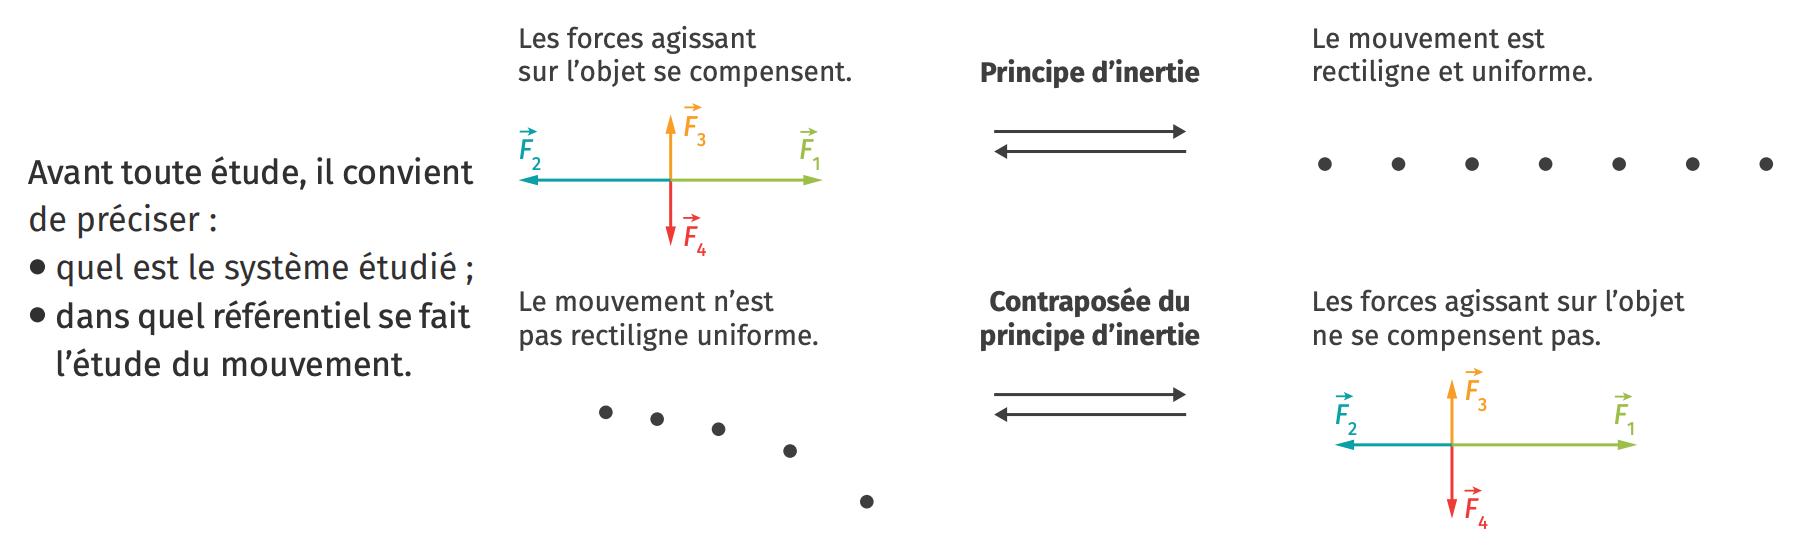 Le principe d'inertie et sa contraposée